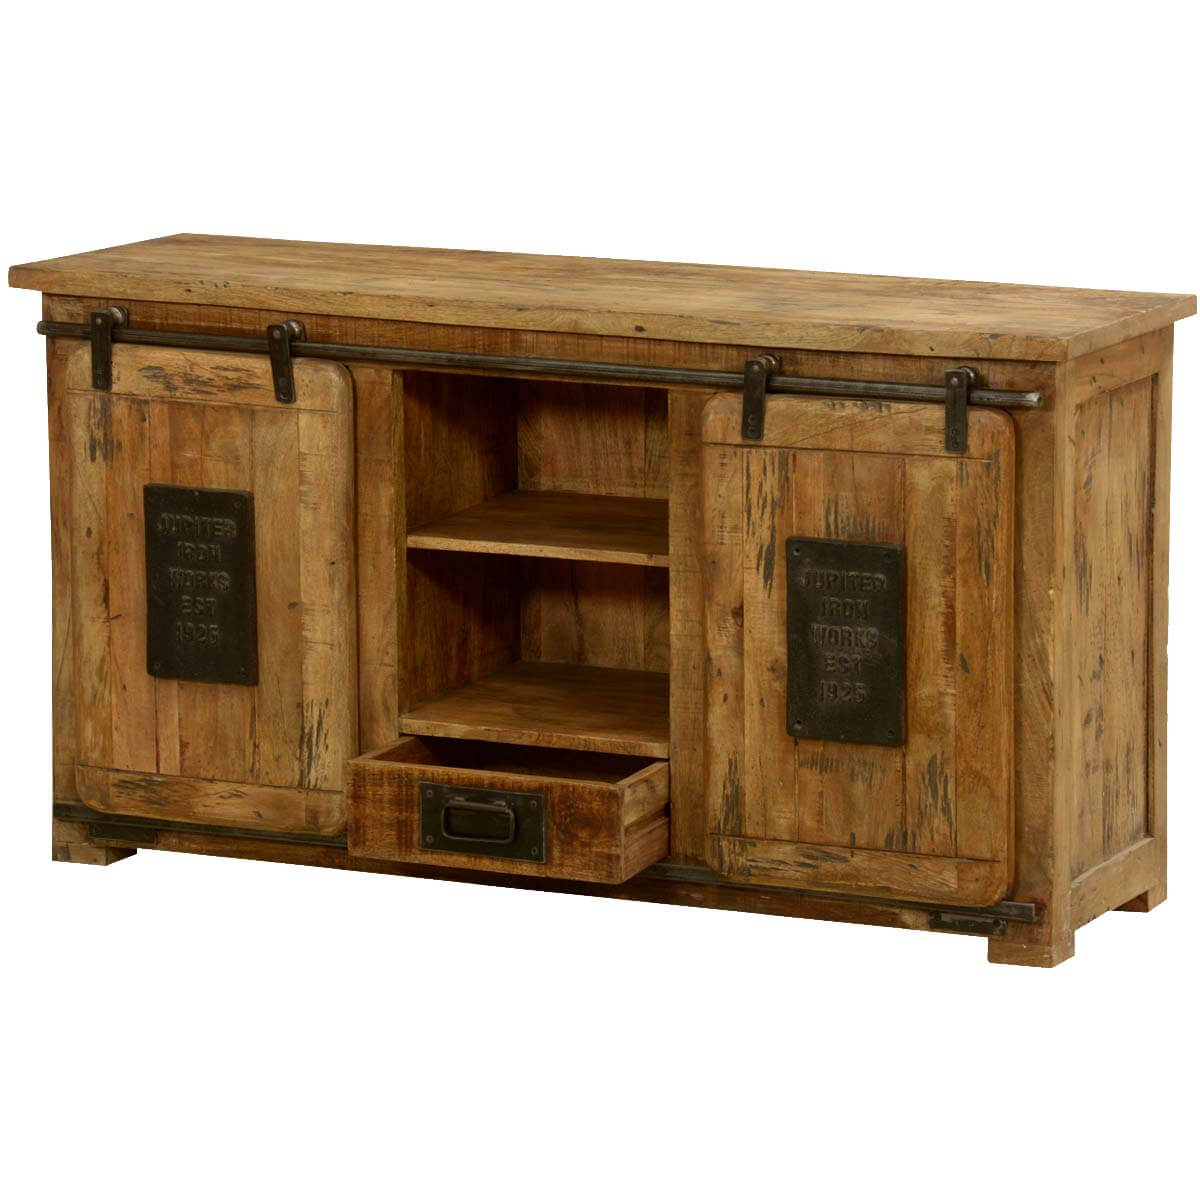 Jupiter Ironworks Mango Wood U0026 Iron Sliding Doors Media Cabinet